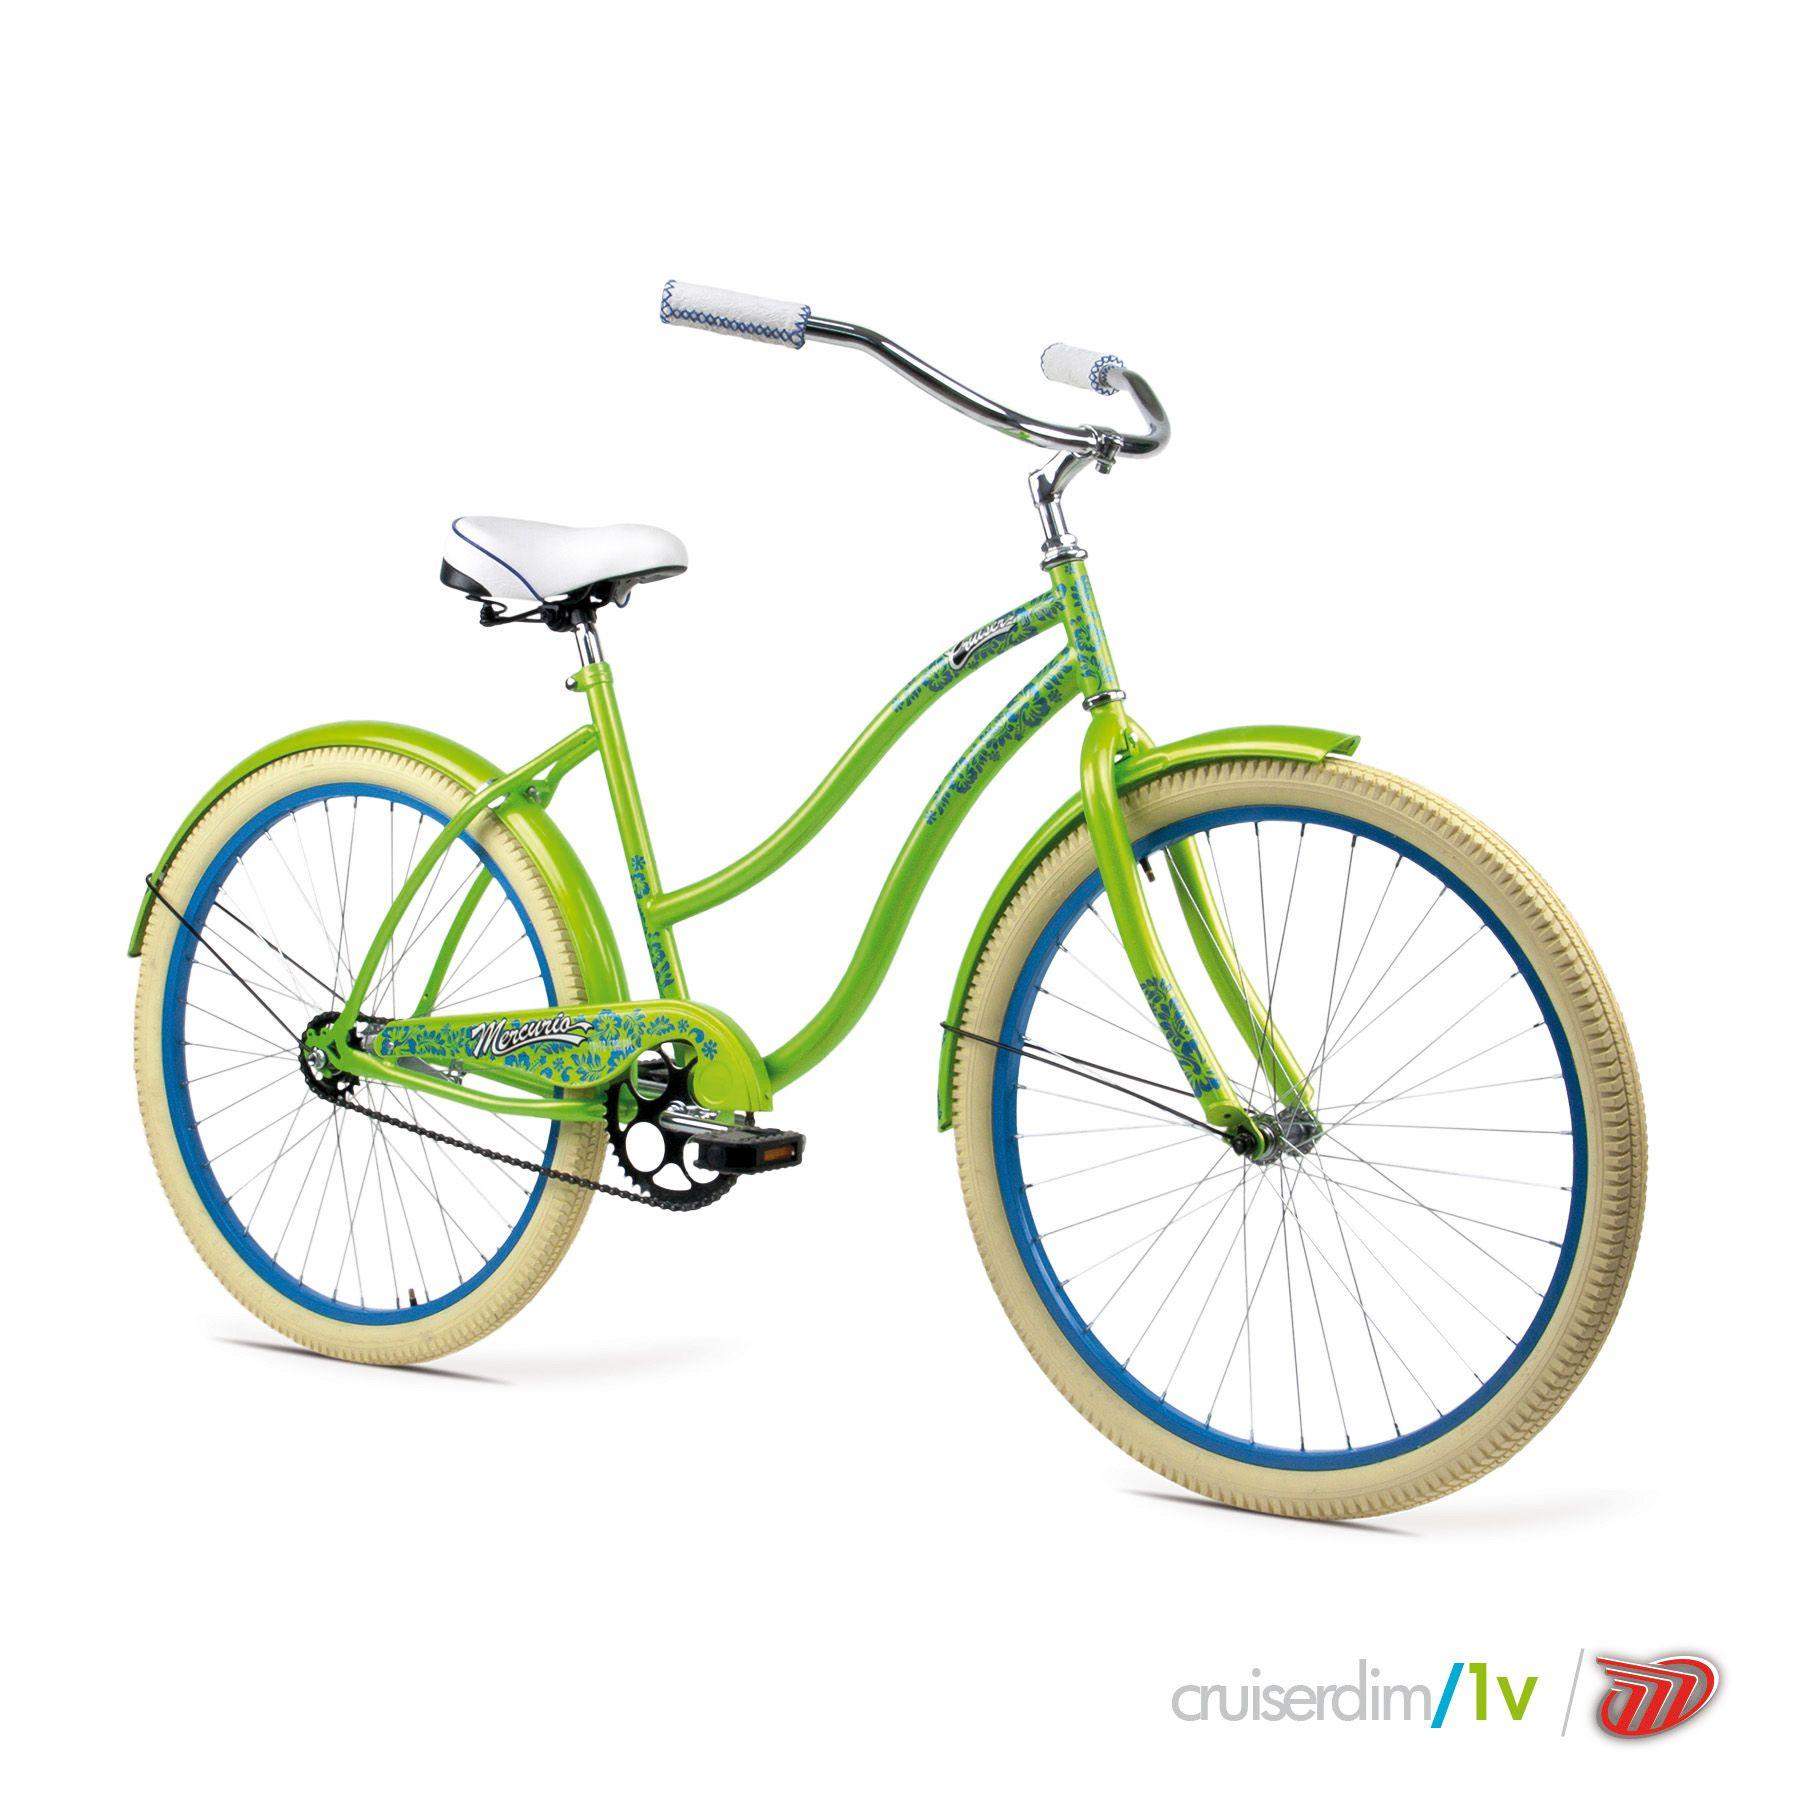 Bicicletas Mercurio Bicicletas Mercurio Bicicletas Mercurio